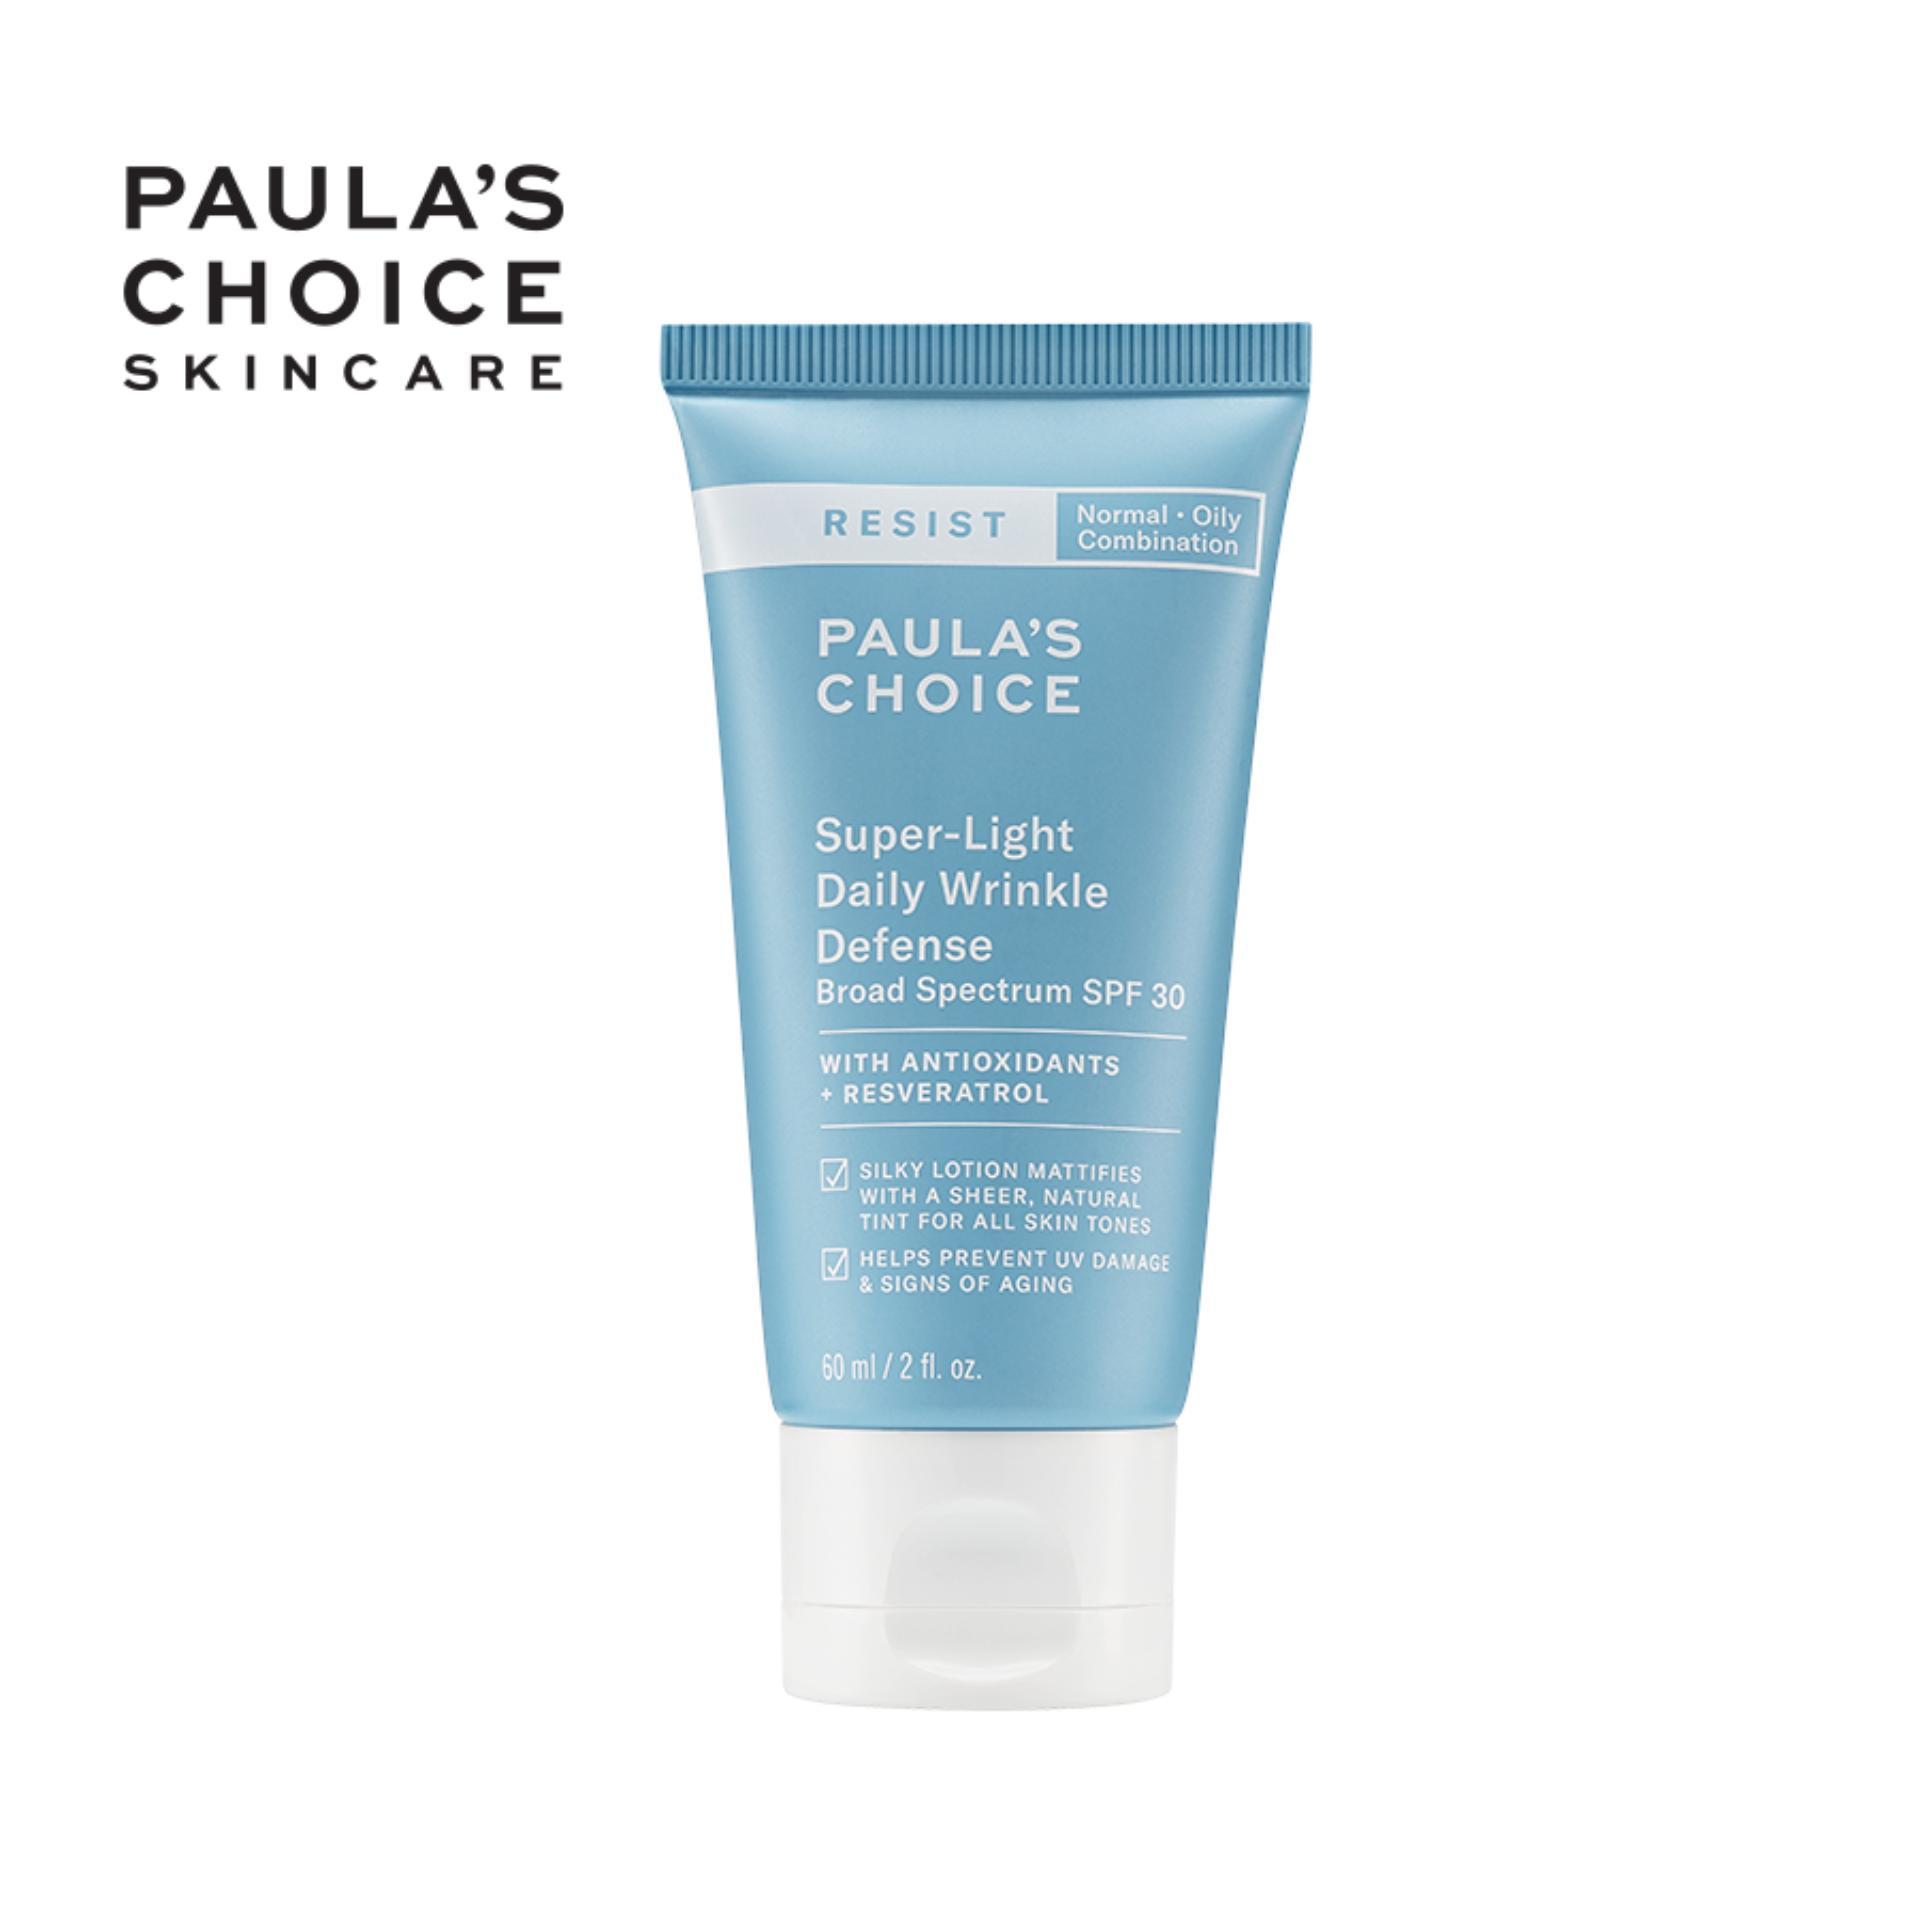 Kem dưỡng ngày chống nắng siêu nhẹ Paula's Choice Resist Super - Light Daily Wrinkle Defence SPF 30-7760